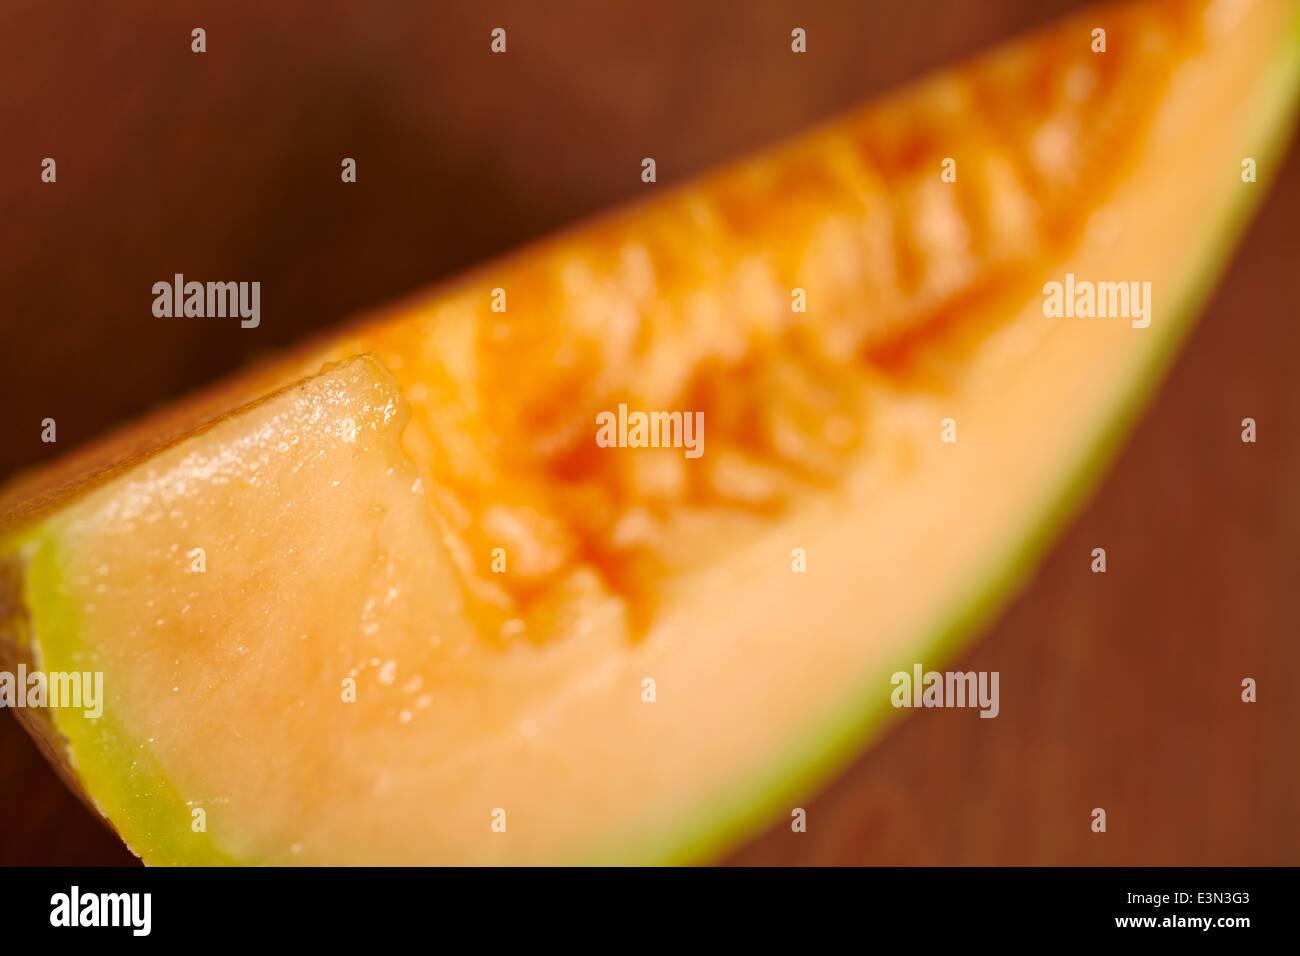 Slice of Cantaloupe - Stock Image